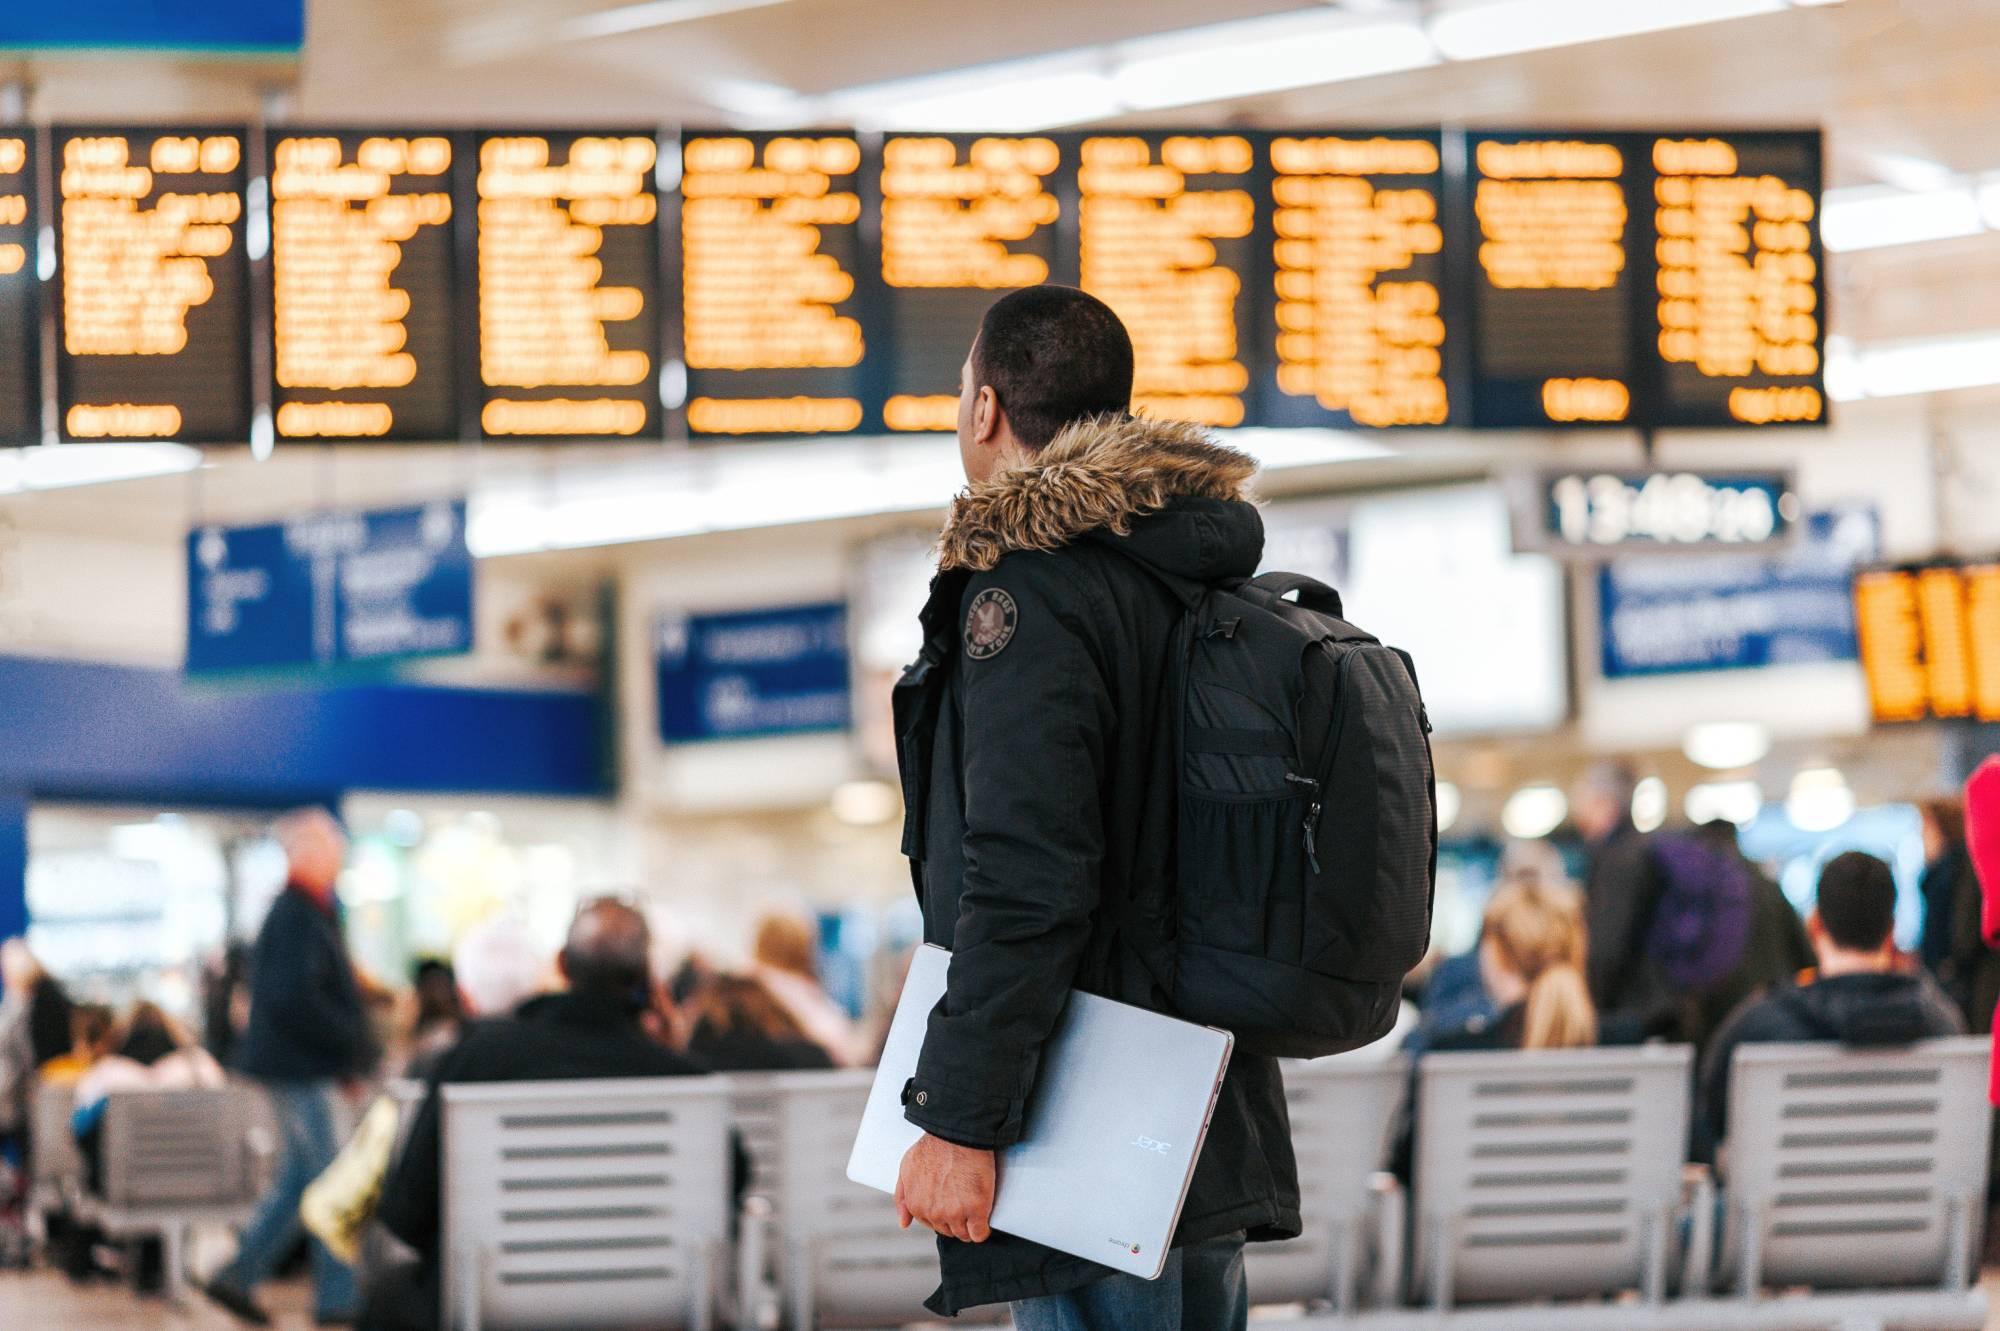 aeropuerto informacion turismo viajes exoticos paradisiacos vuelos reseva